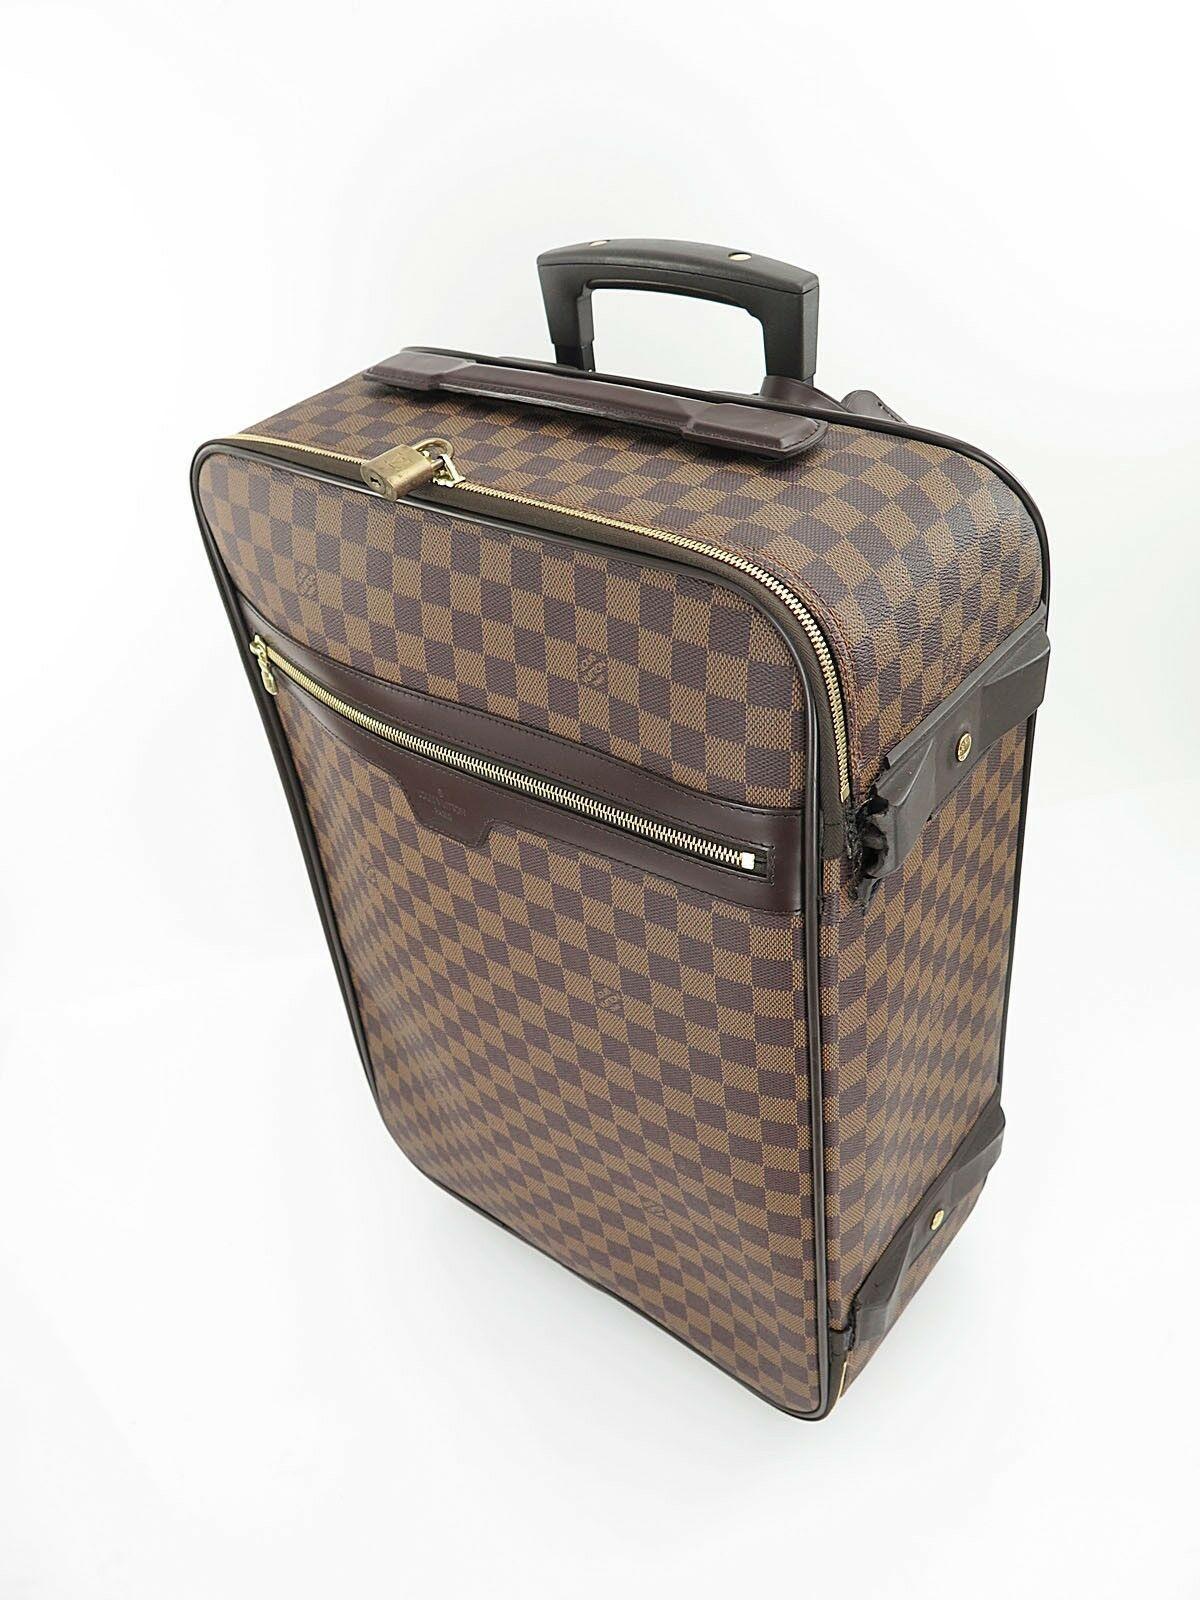 Authentic LOUIS VUITTON Pegase 55 Damier Ebene Travel Rolling Suitcase #26312